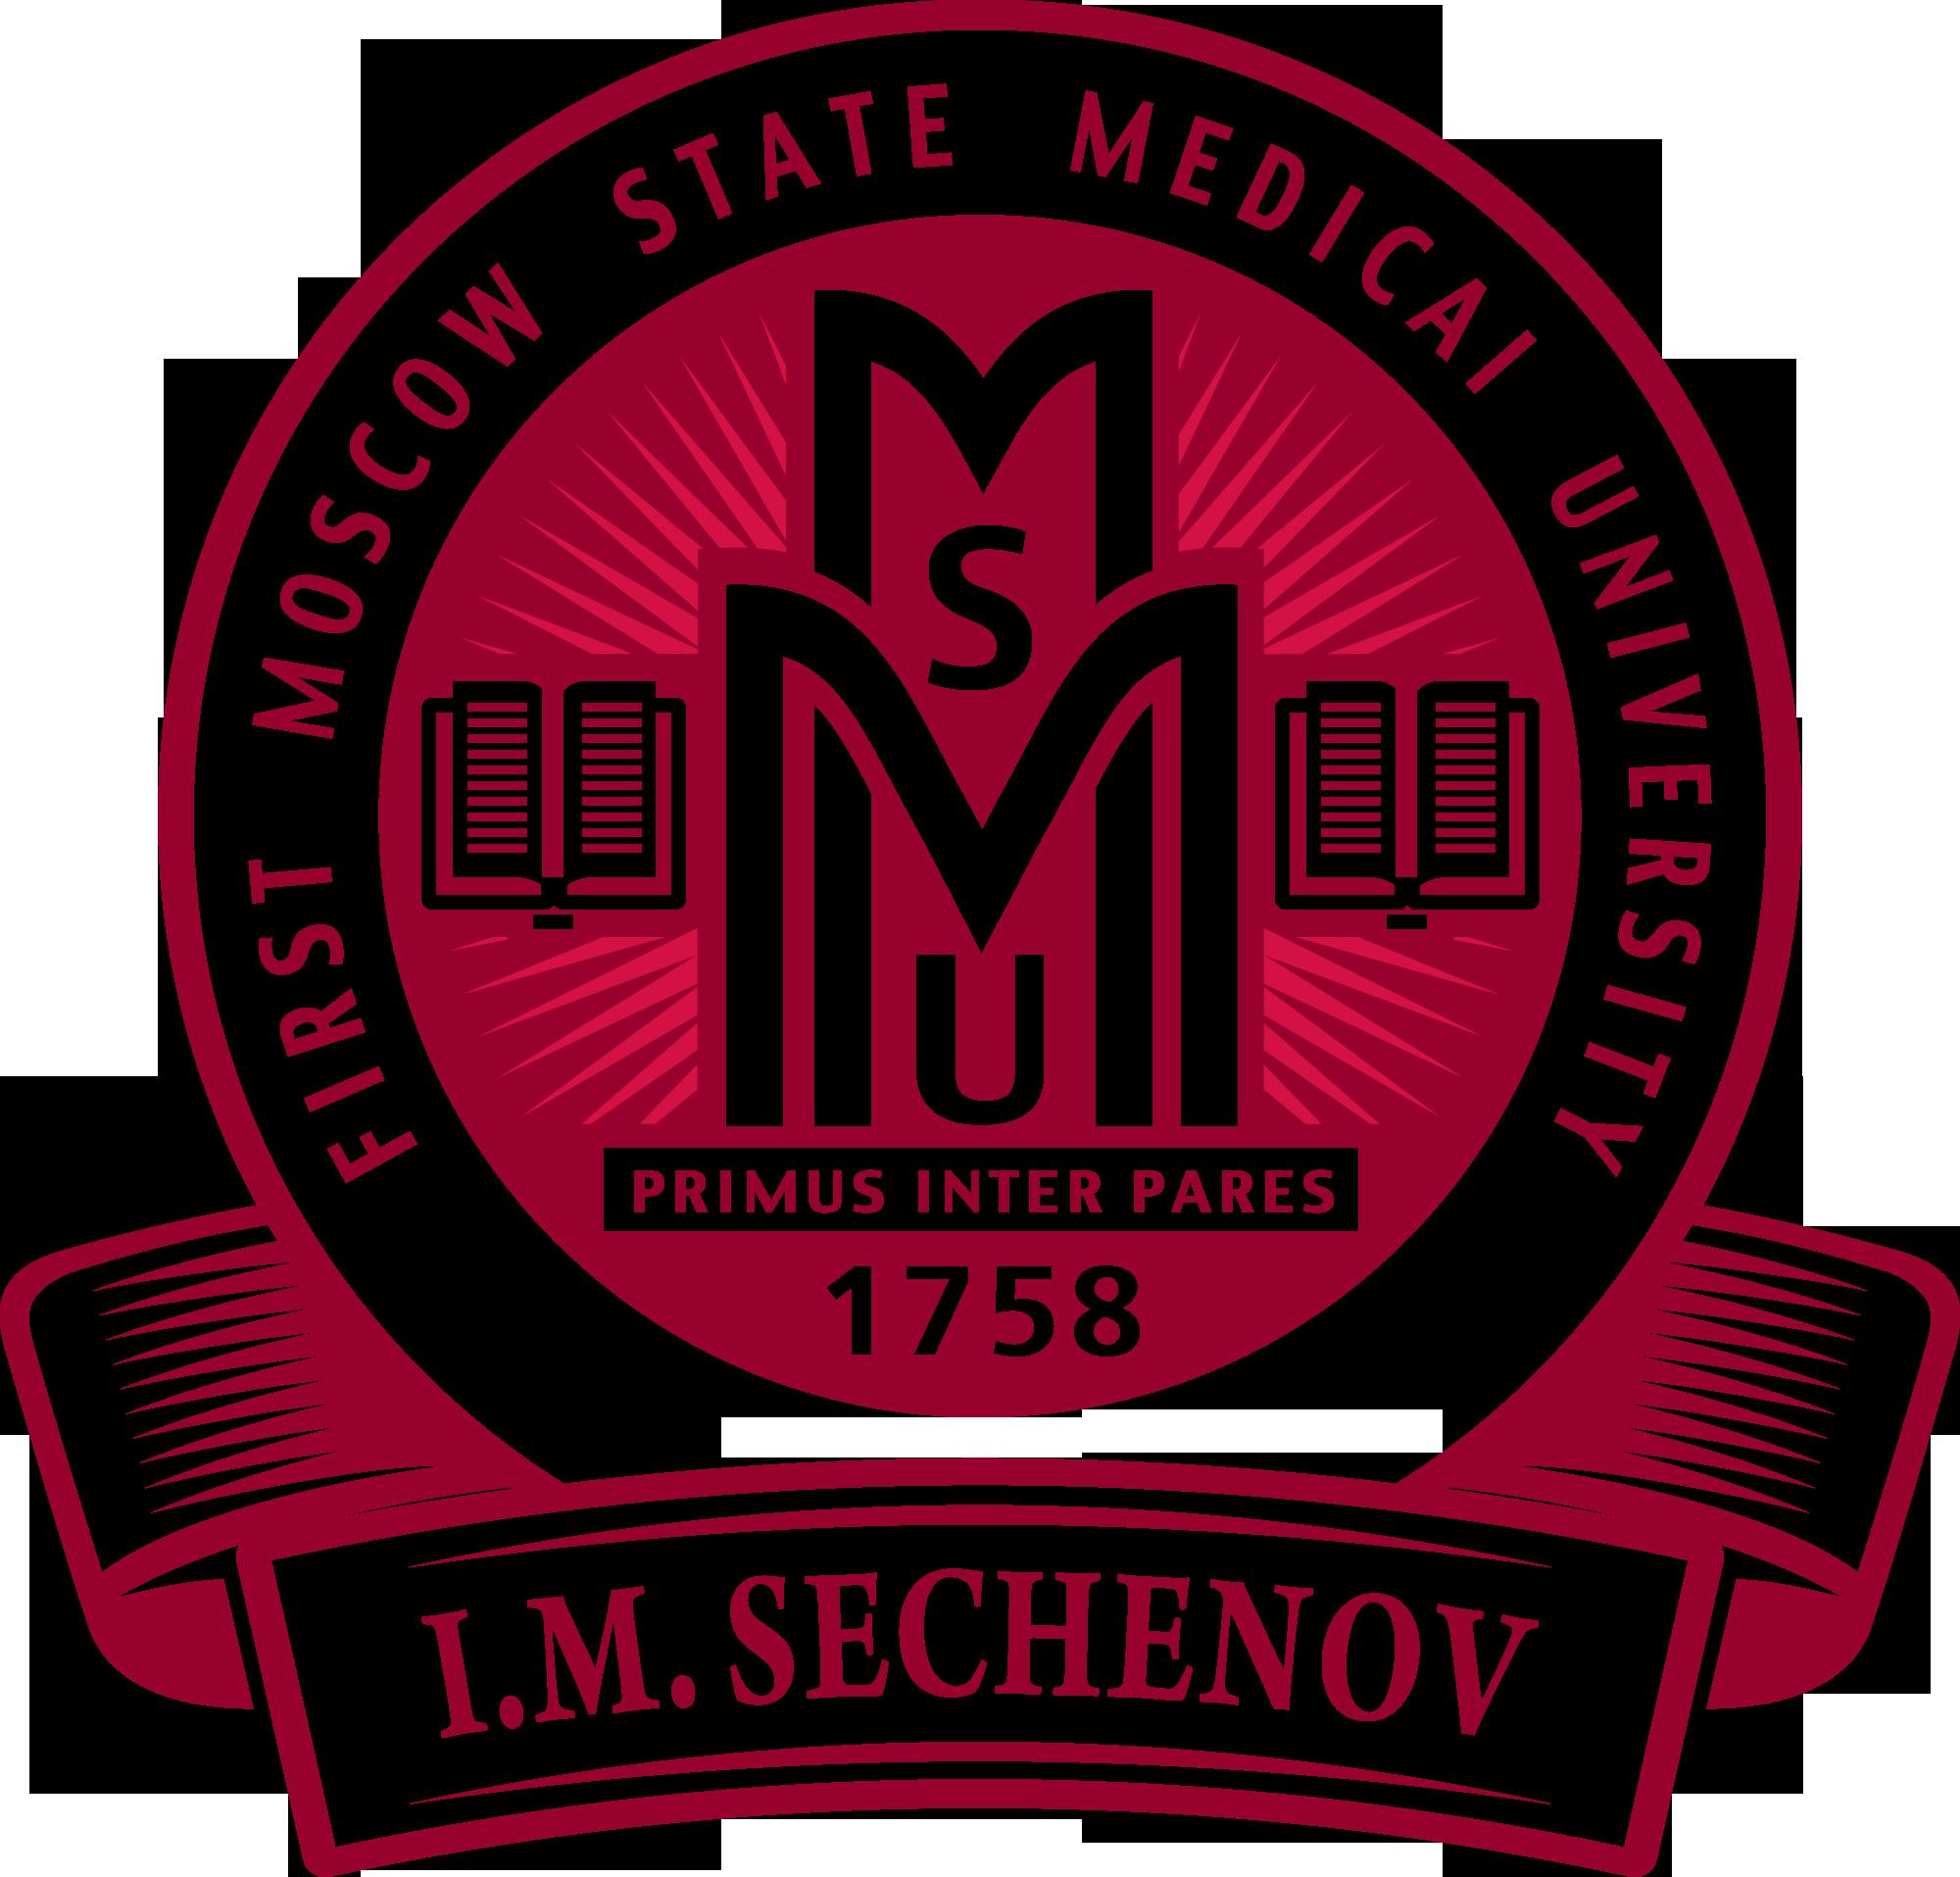 Эмблема (логотип) на английском языке Первого московского медицинского